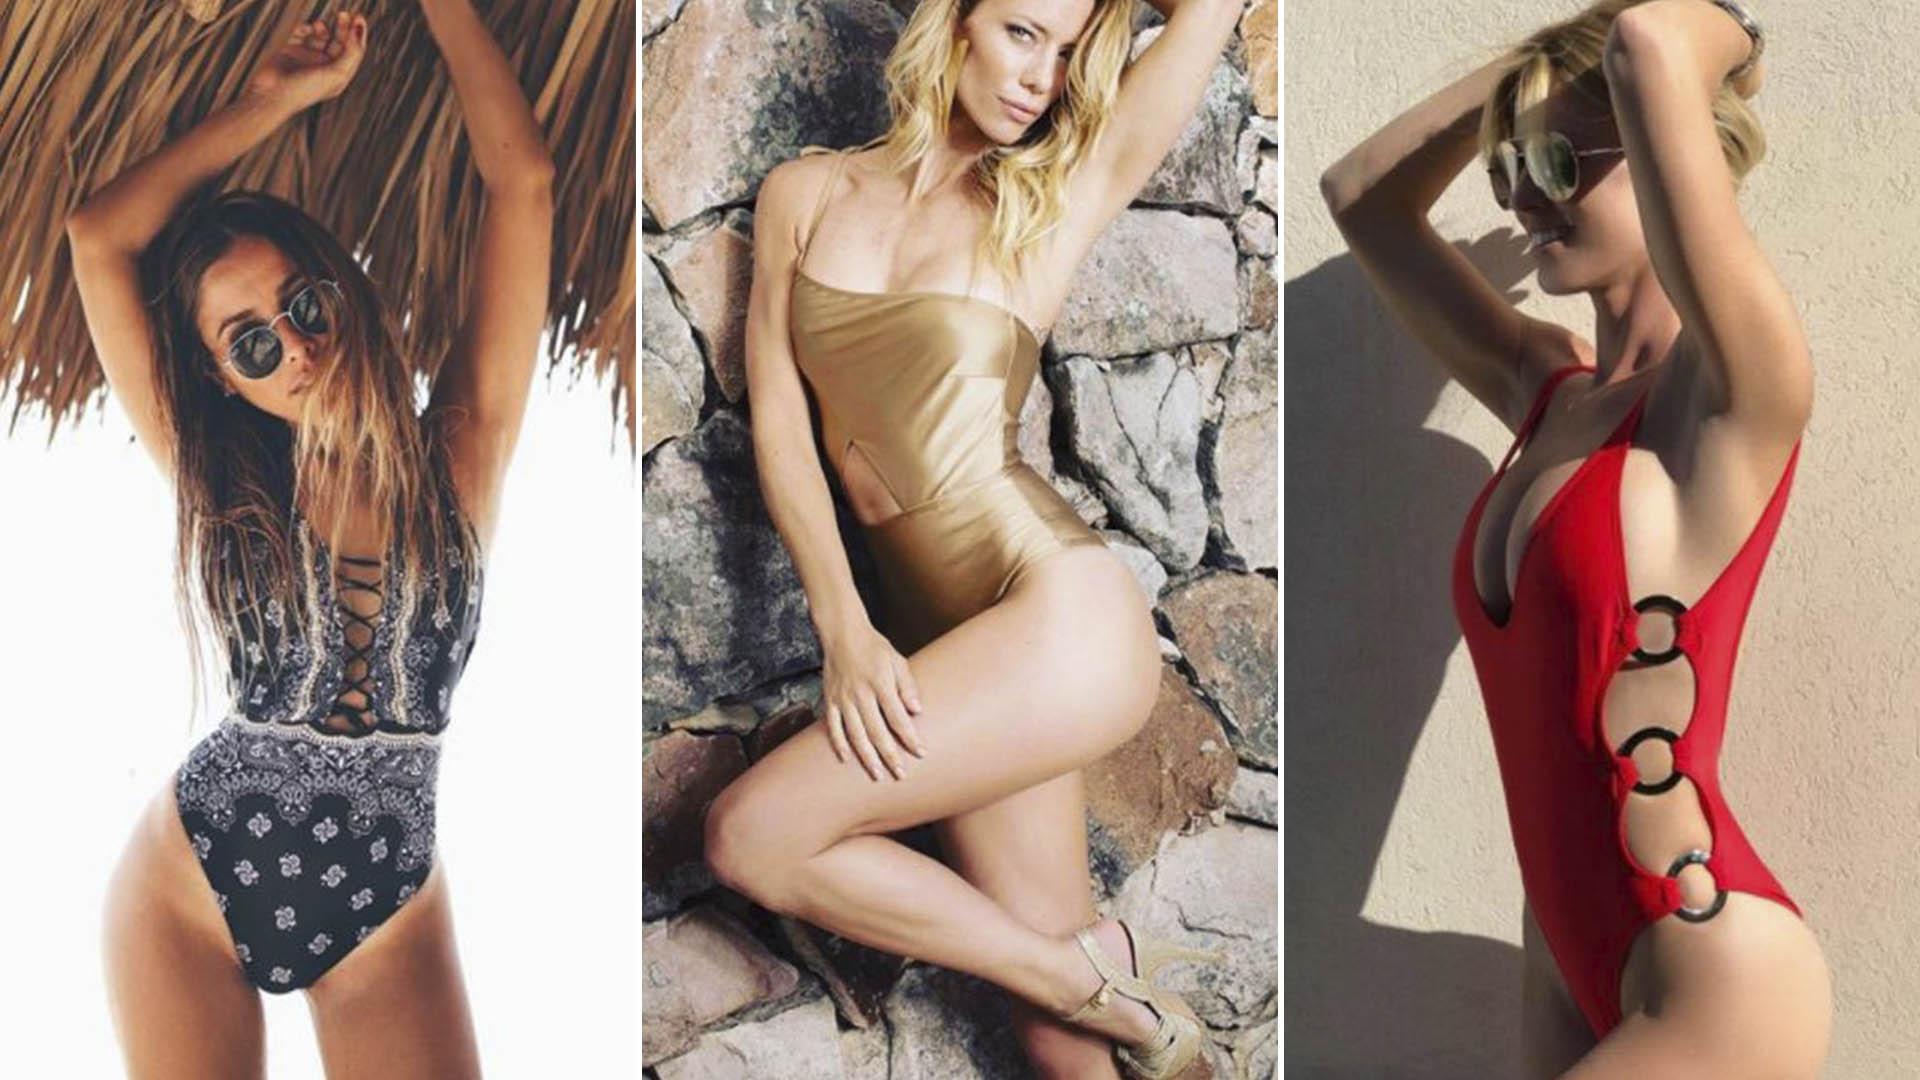 b8015474b3ee Bikinis vs enterizas: los mejores diseños de trajes de baño que ...